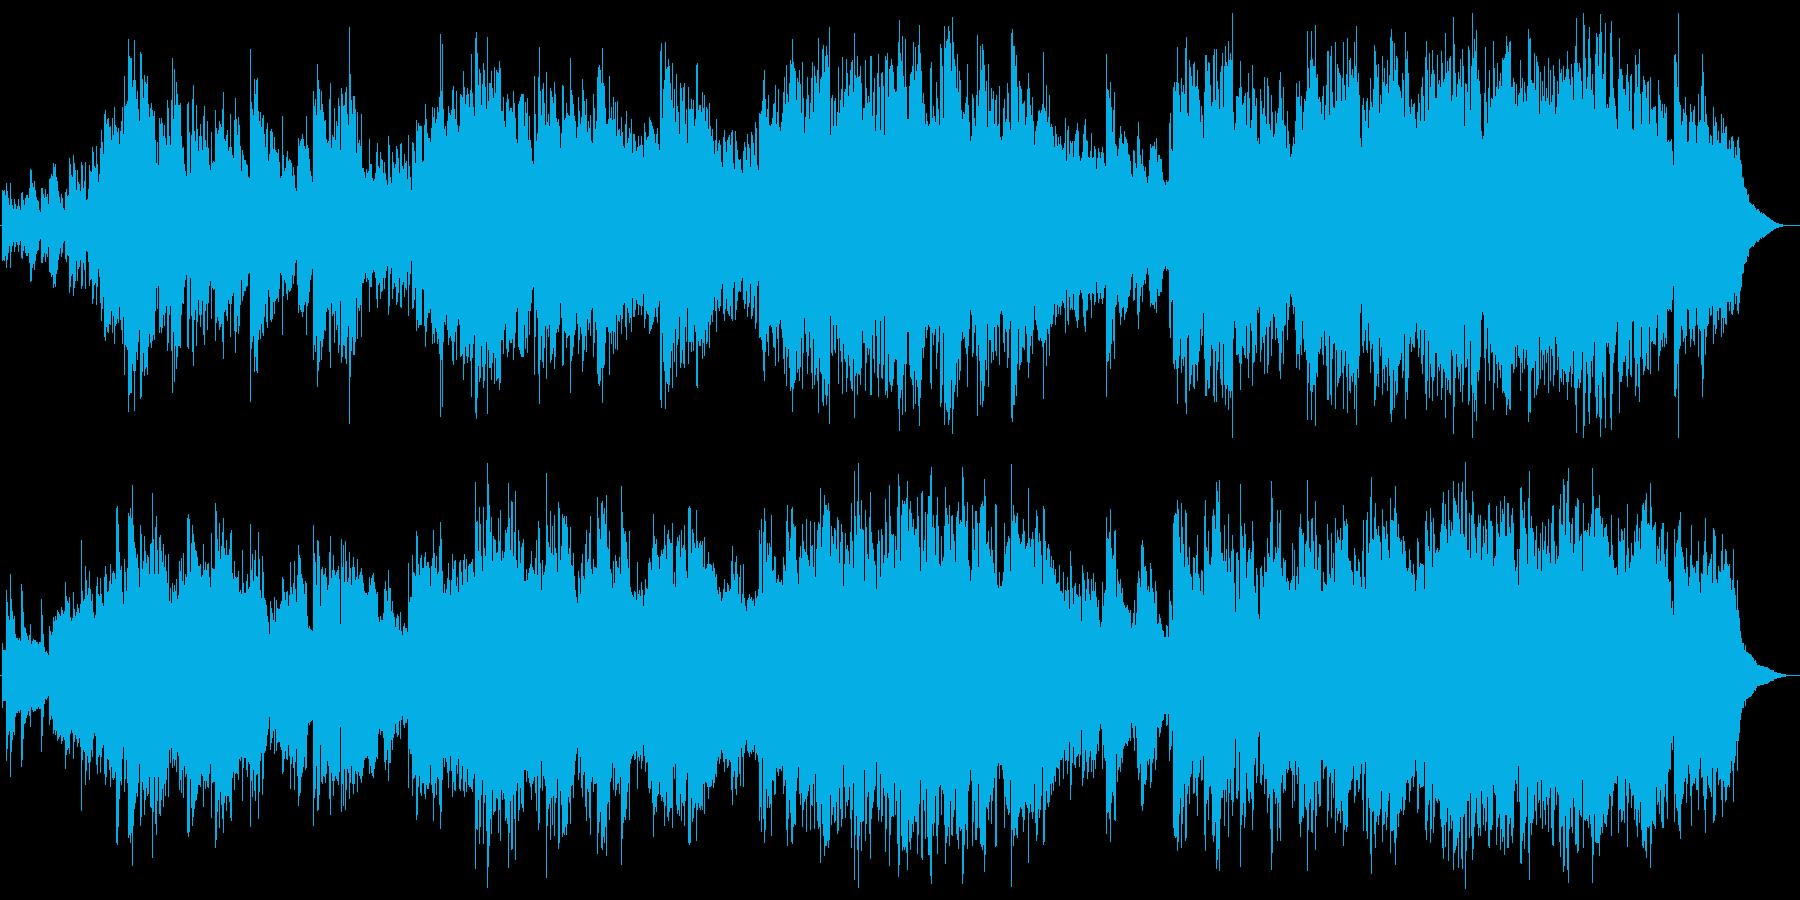 ピアノ 壮大 哀愁 ファンタジー の再生済みの波形